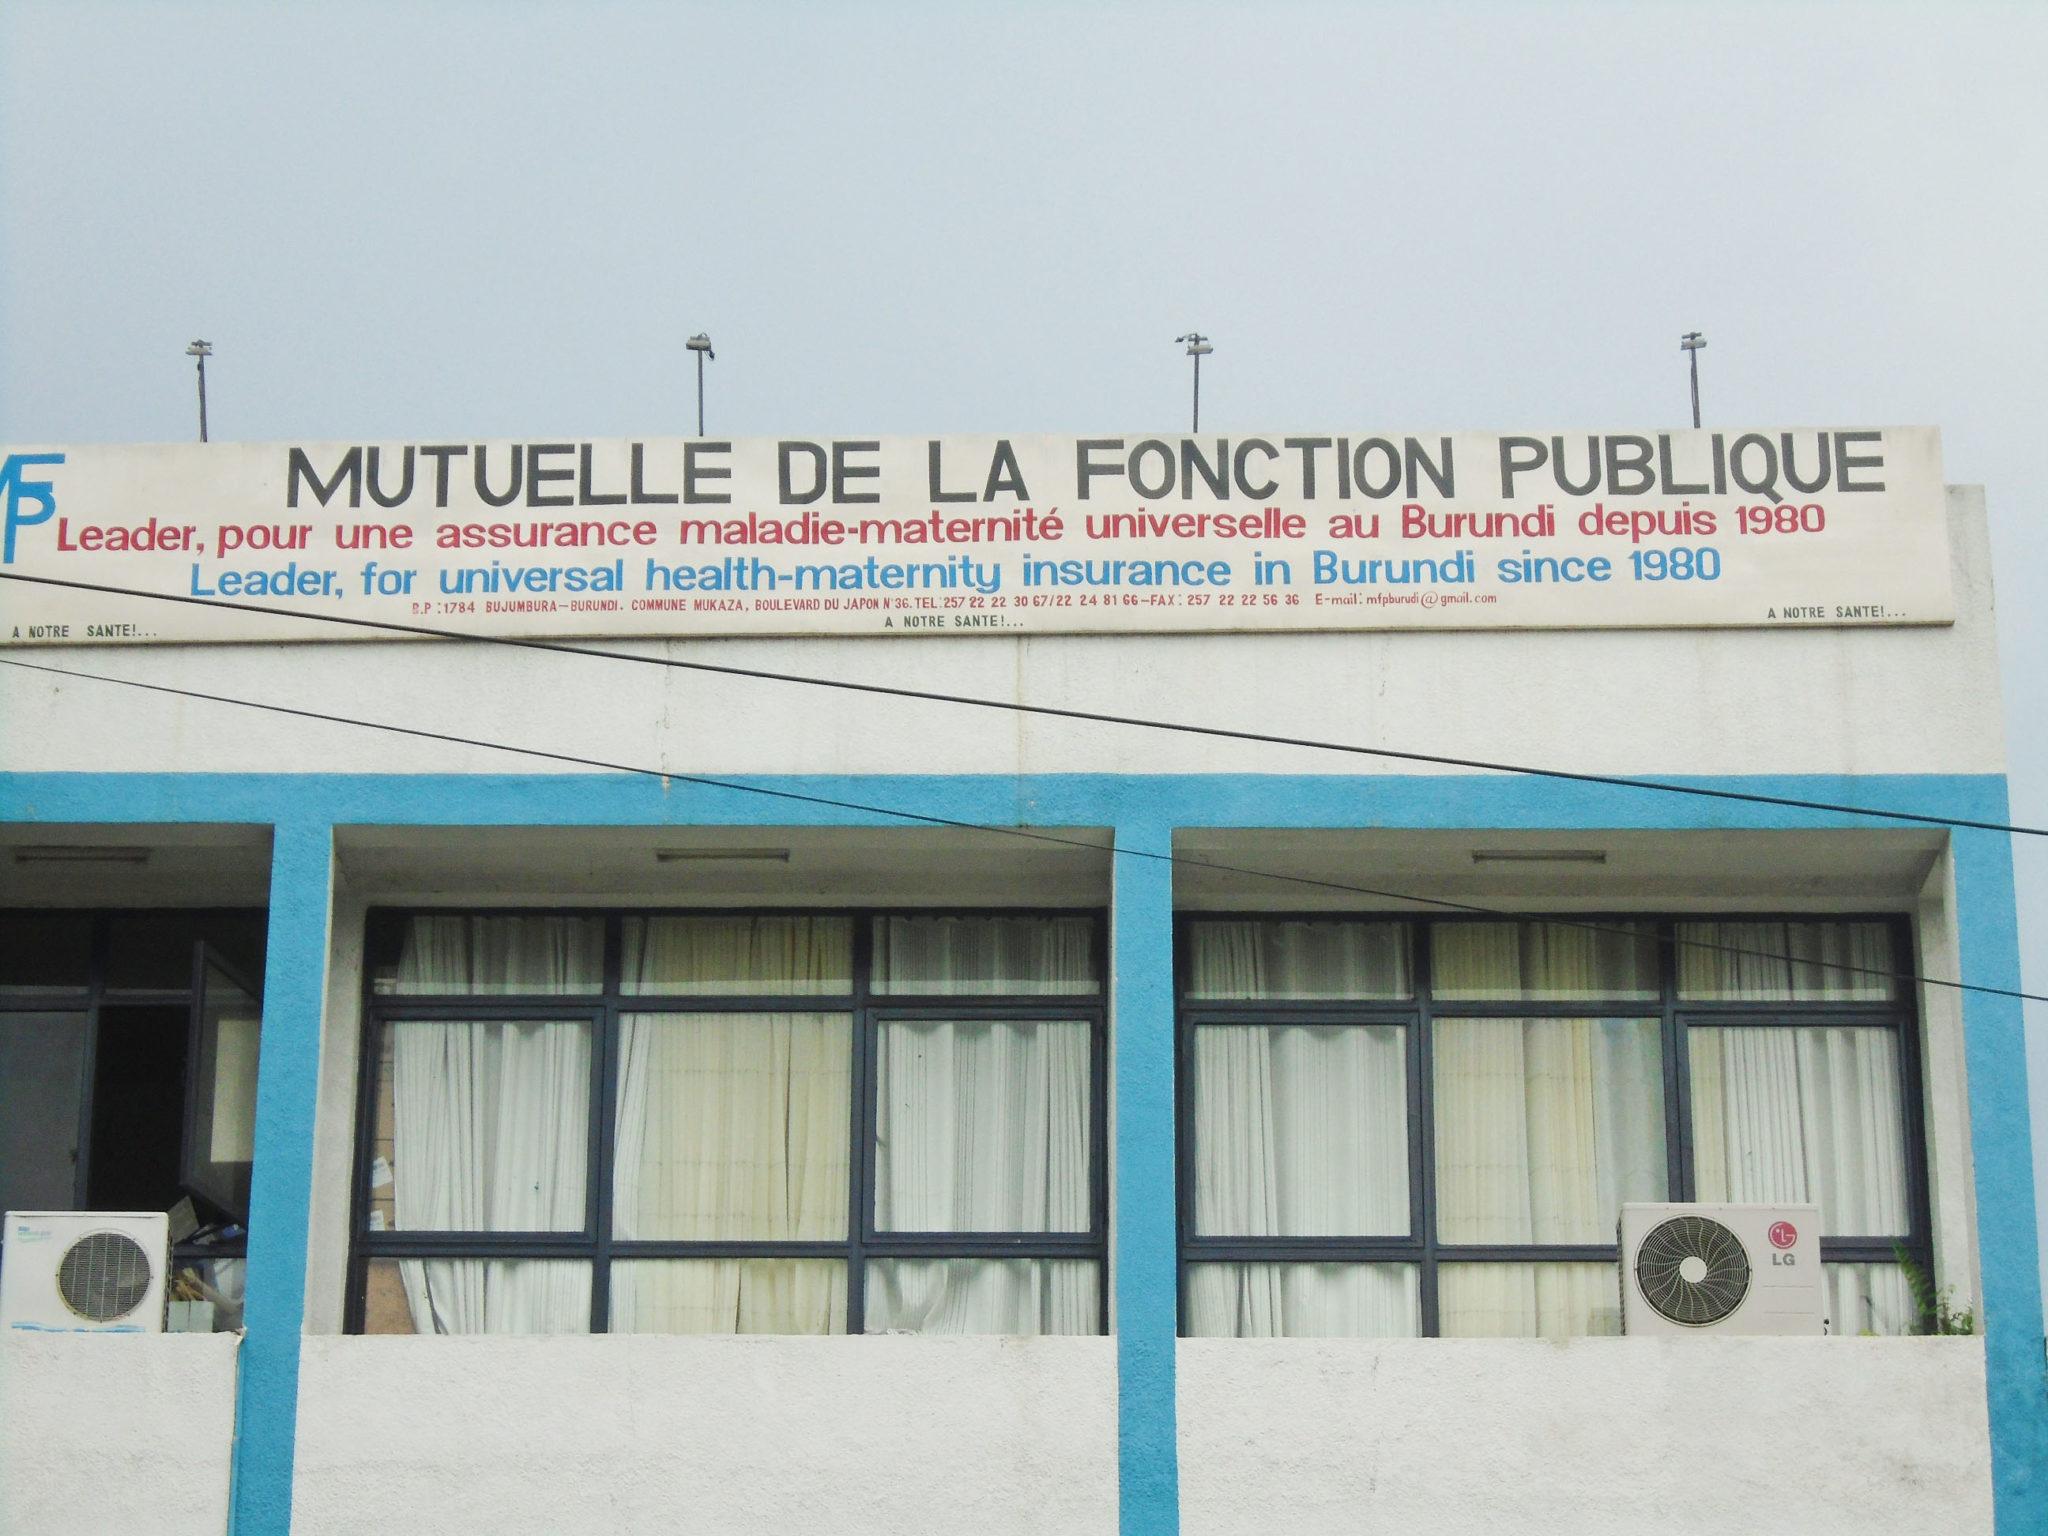 b9d707f4c6d Burundi Eco Mutuelle de la Fonction Publique   Les intérêts des affiliés  piétinés - Burundi Eco